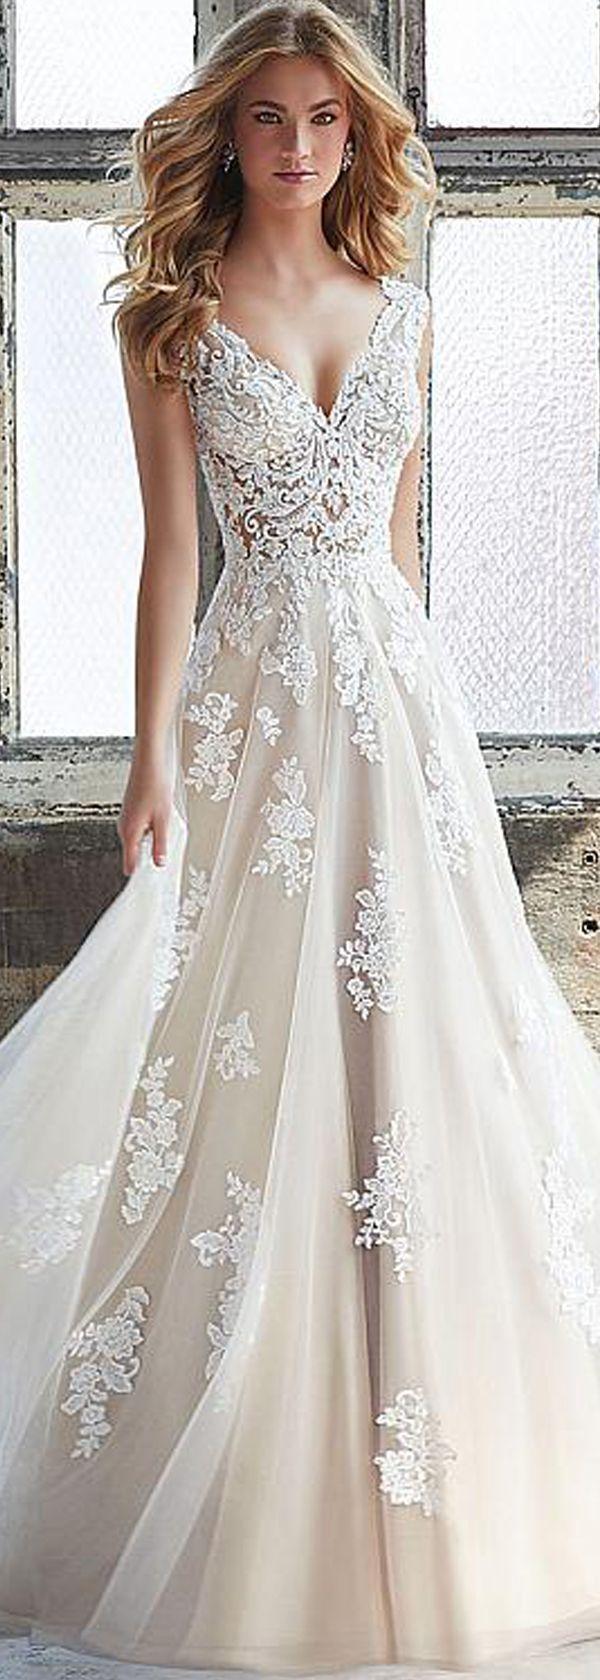 Best A-line Wedding Dresses : Glamorous Tulle V-neck ...